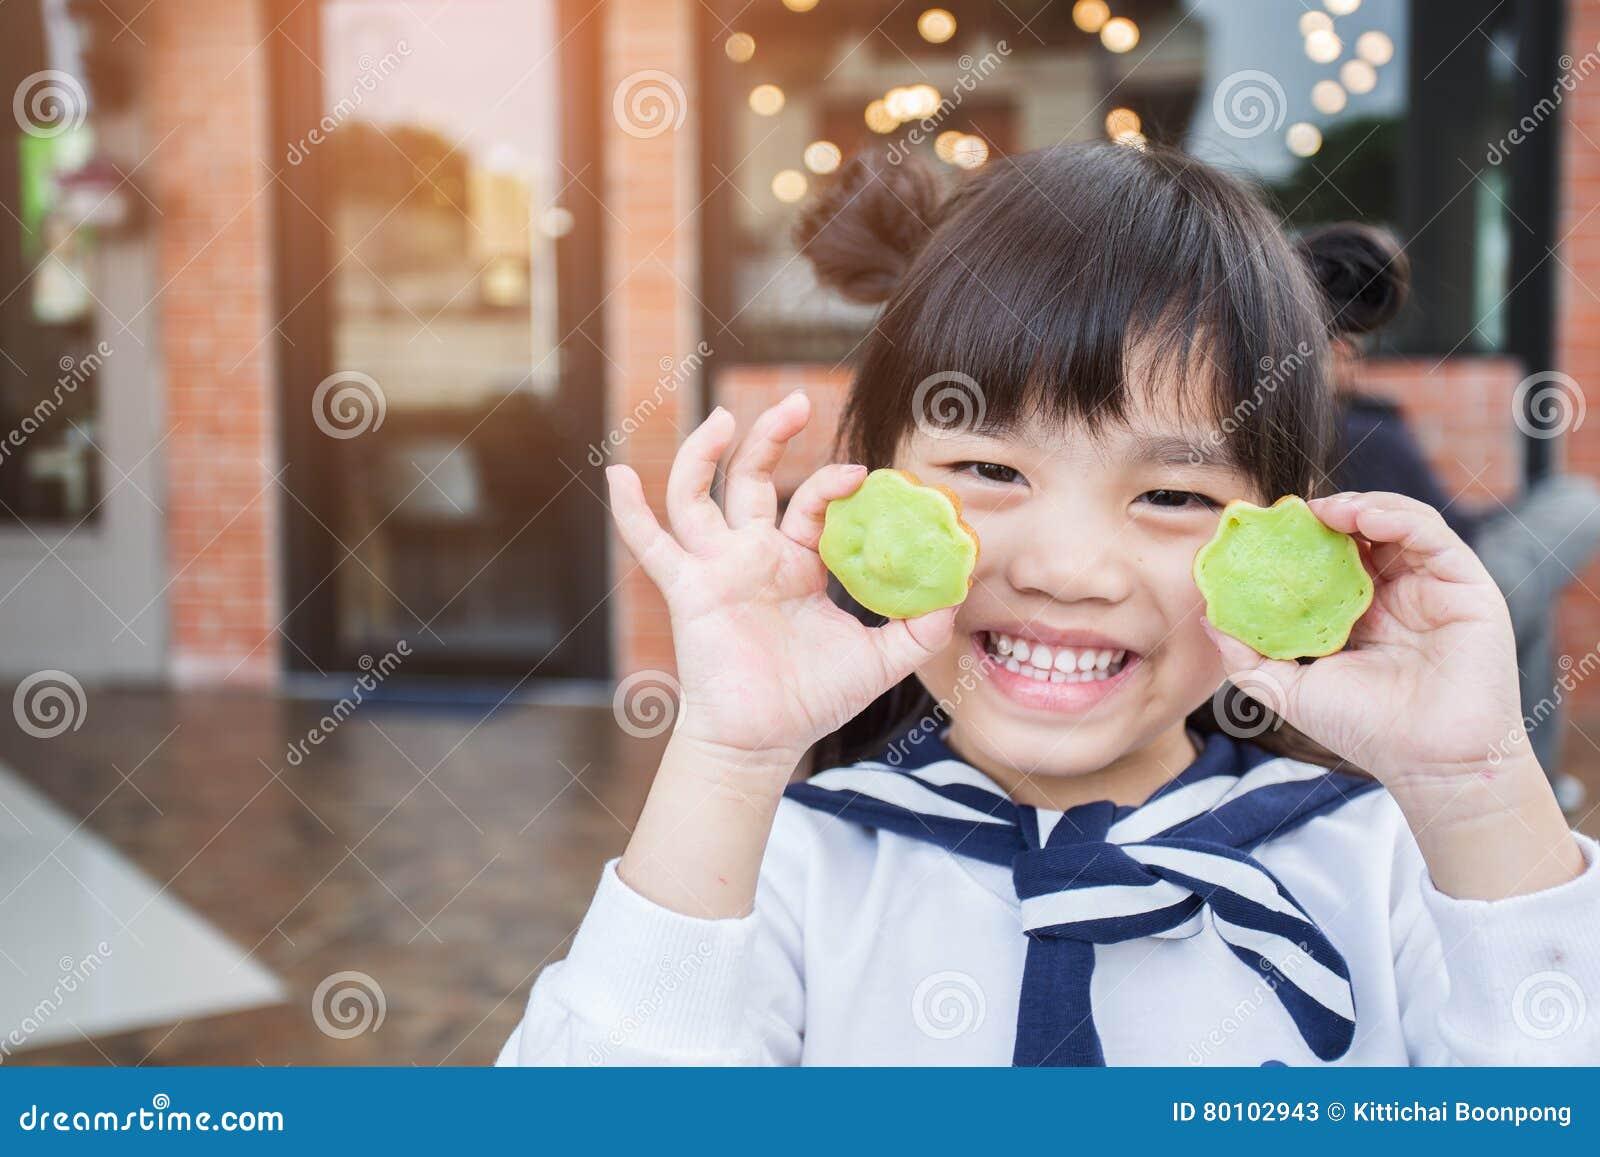 O retrato de crianças bonitas de Ásia sente feliz comendo duas galdérias da sobremesa